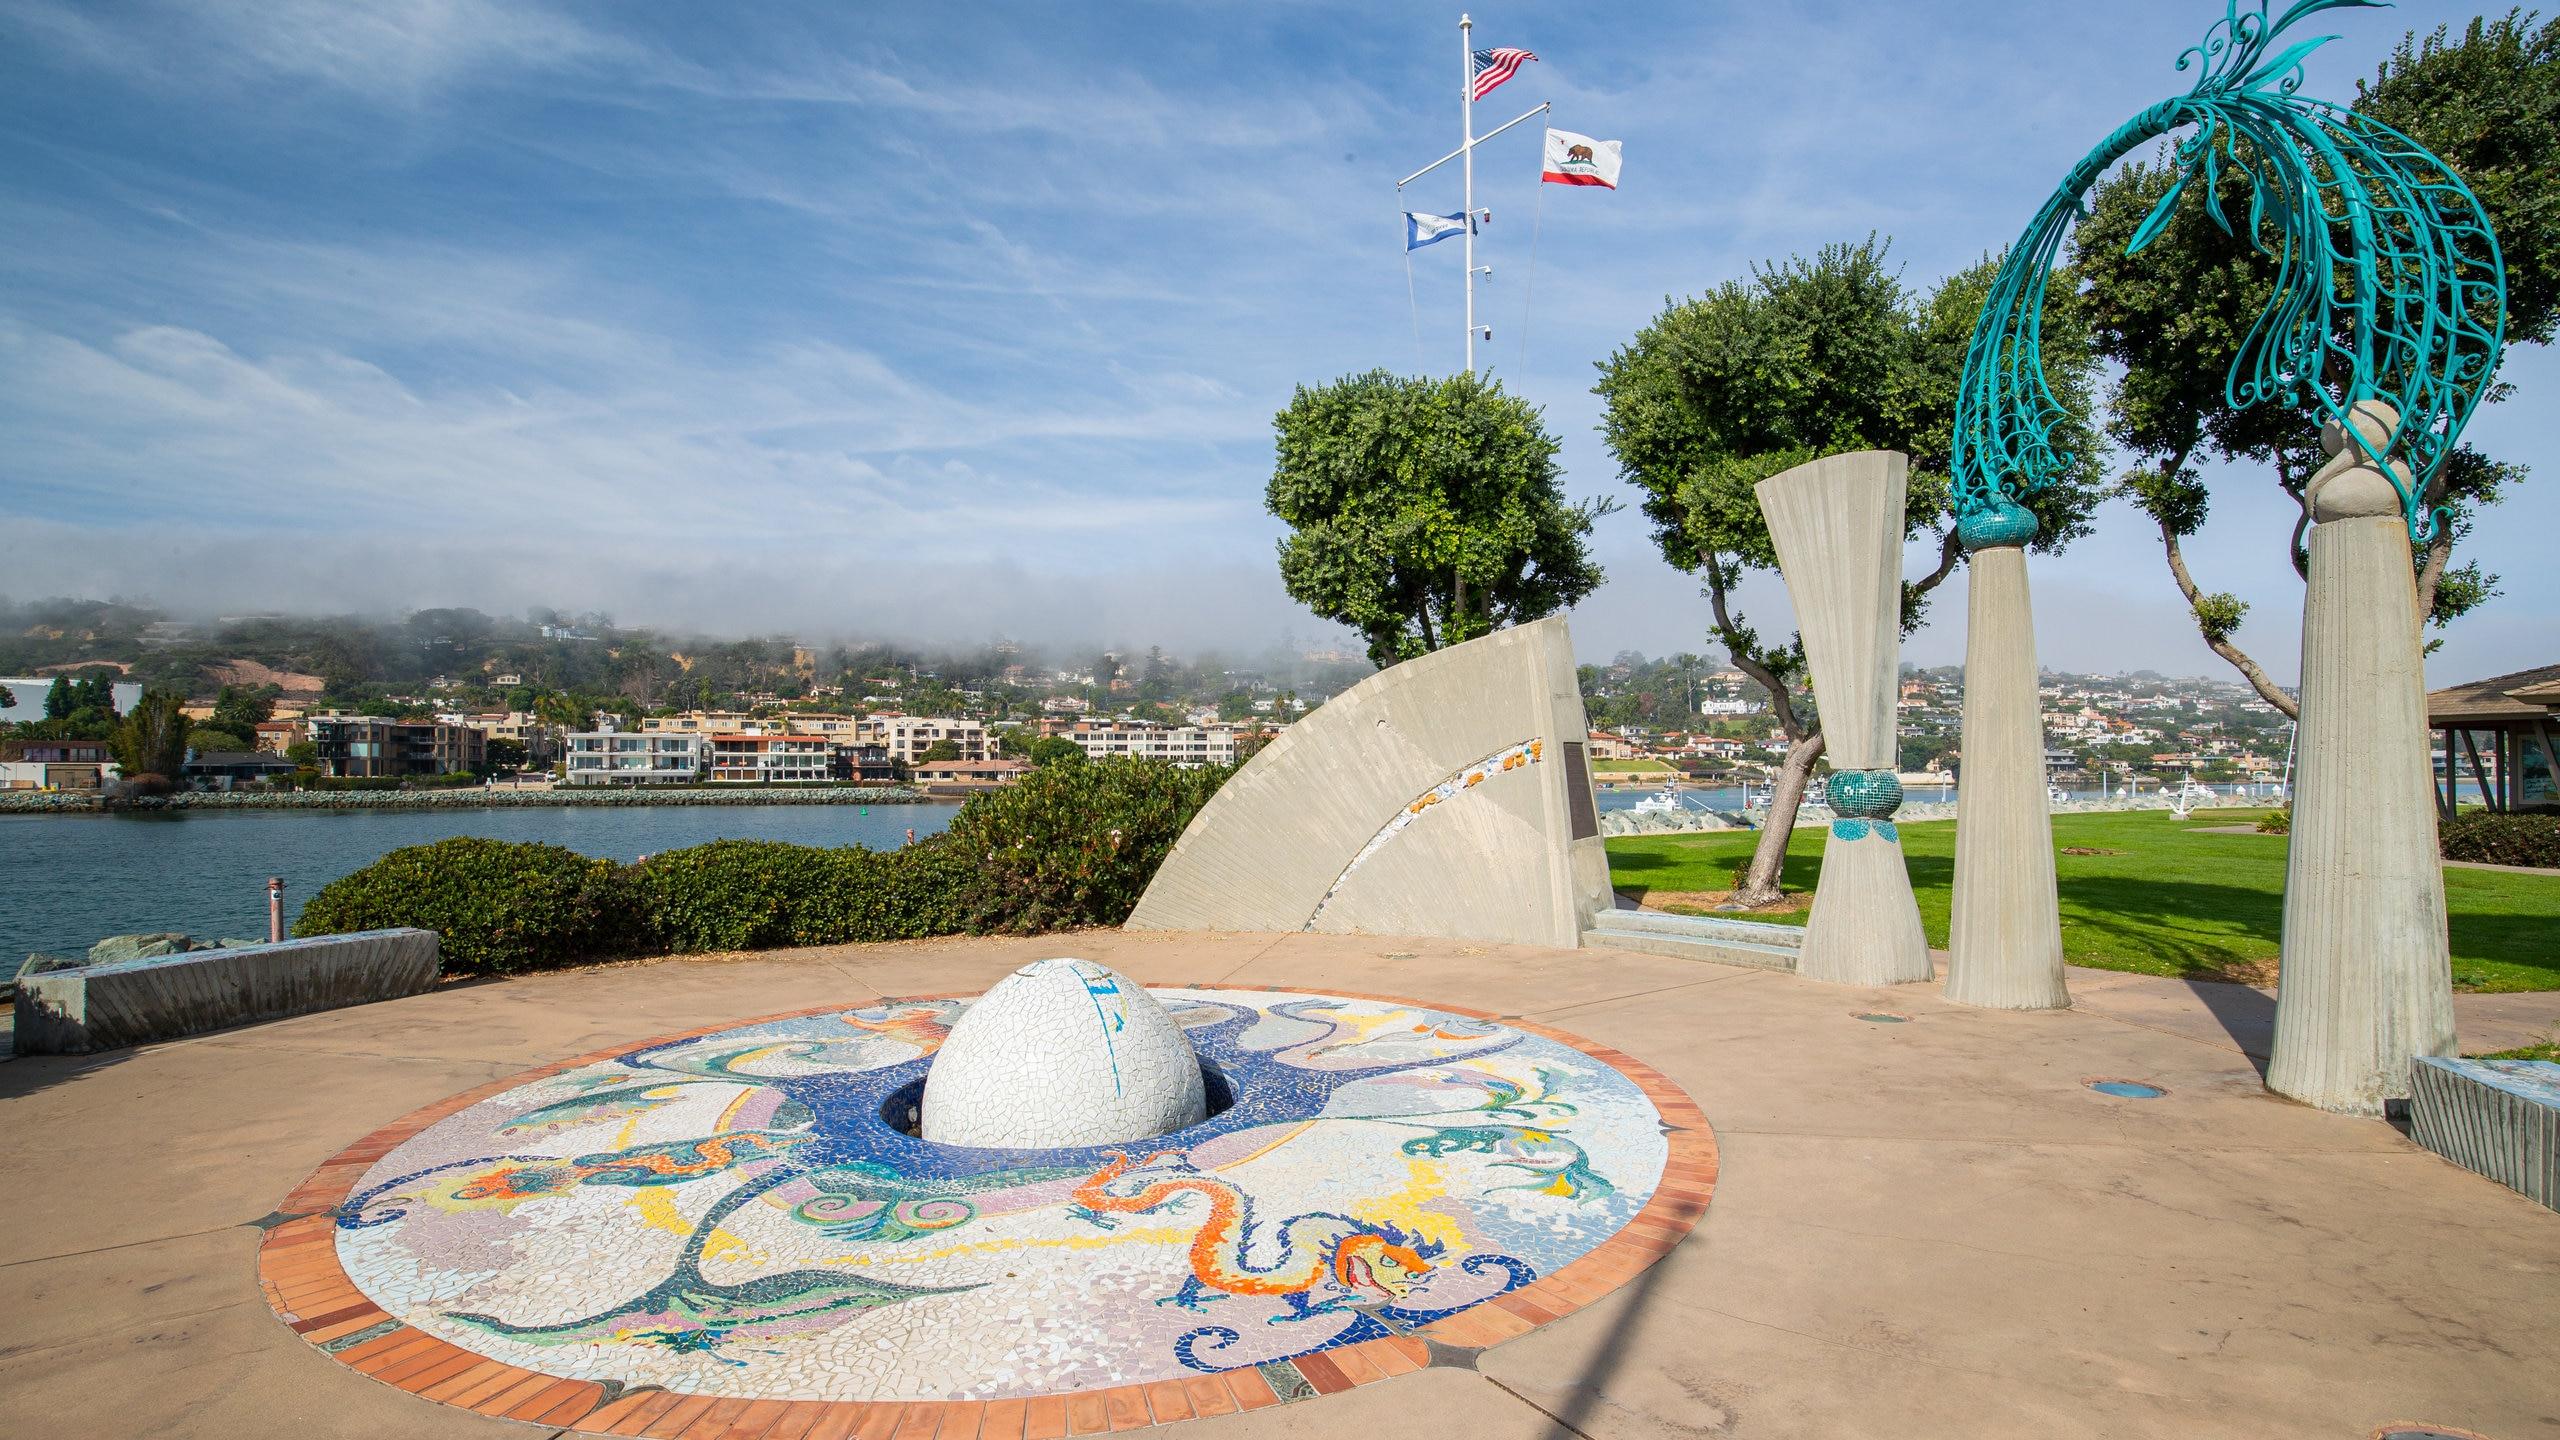 San Diego Bay, San Diego, California, United States of America